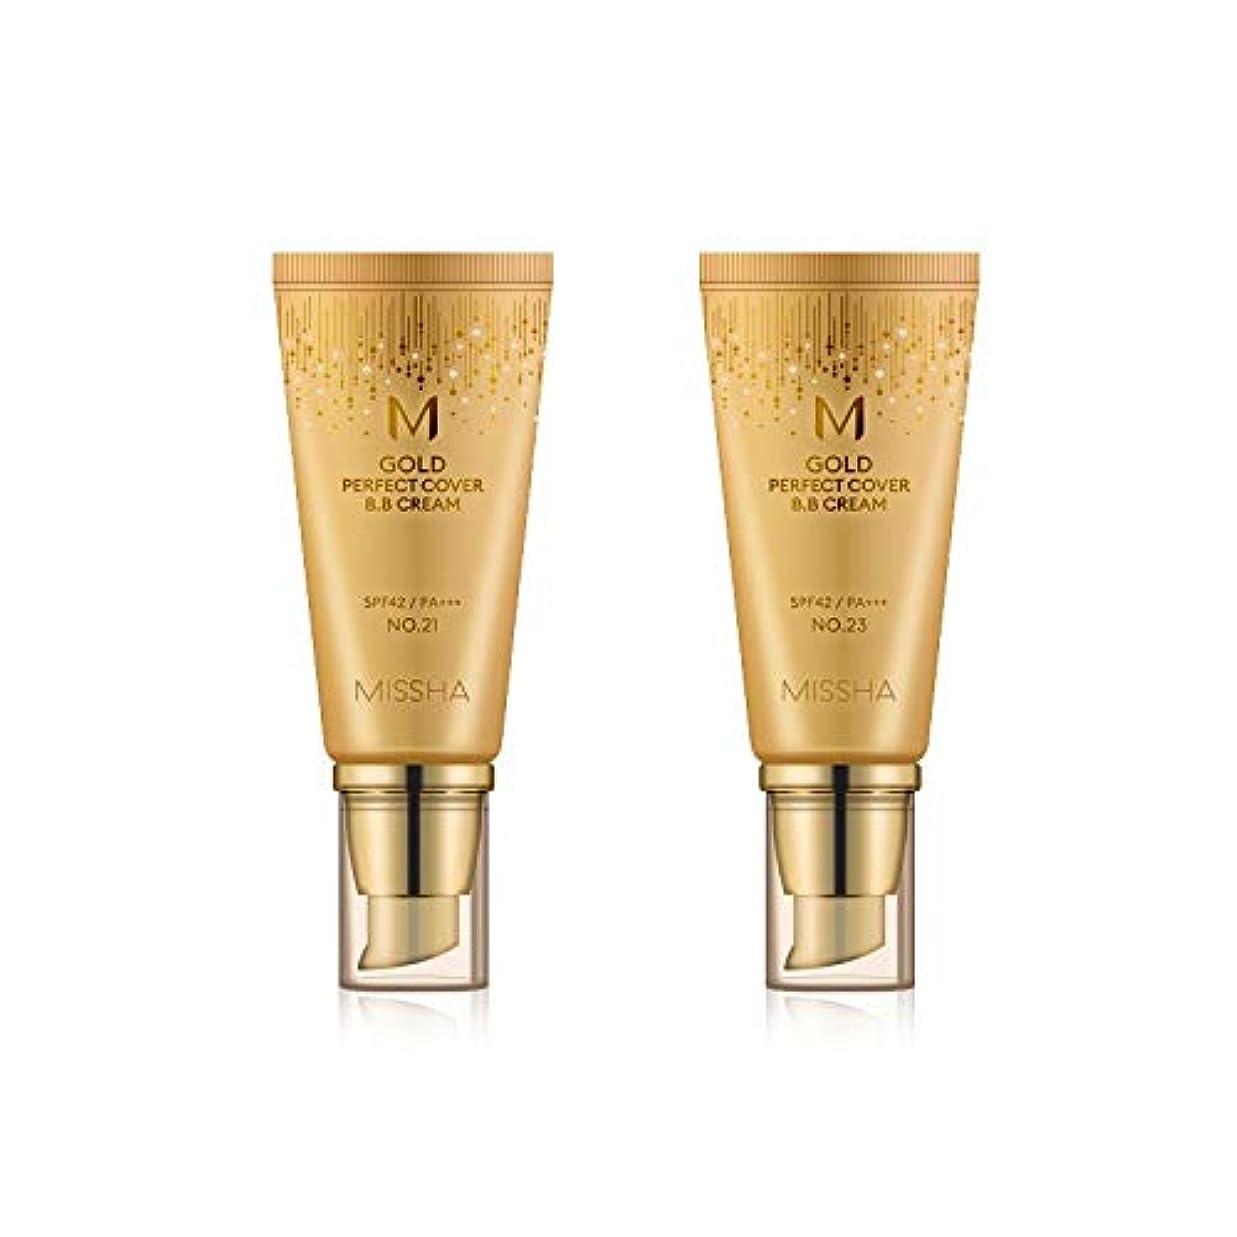 魅了するドナー努力MISSHA Gold Perfecte Cover BB Cream SPF42 PA+++ / ミシャ ゴールド パーフェクト カバー BBクリーム 50ml *NO.21 [並行輸入品]